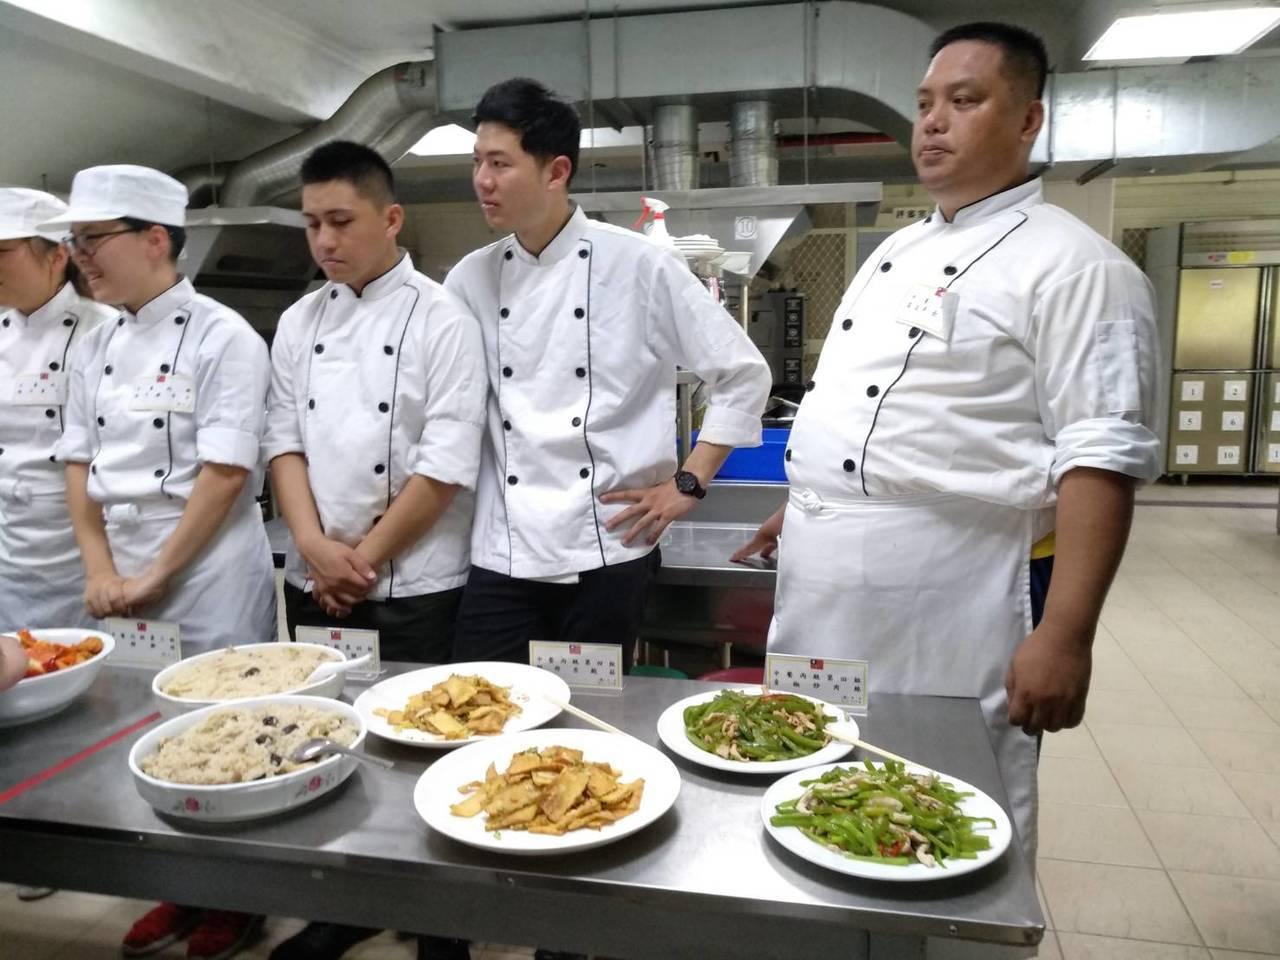 官兵學員們頗有大廚的架式。圖/蘭院提供